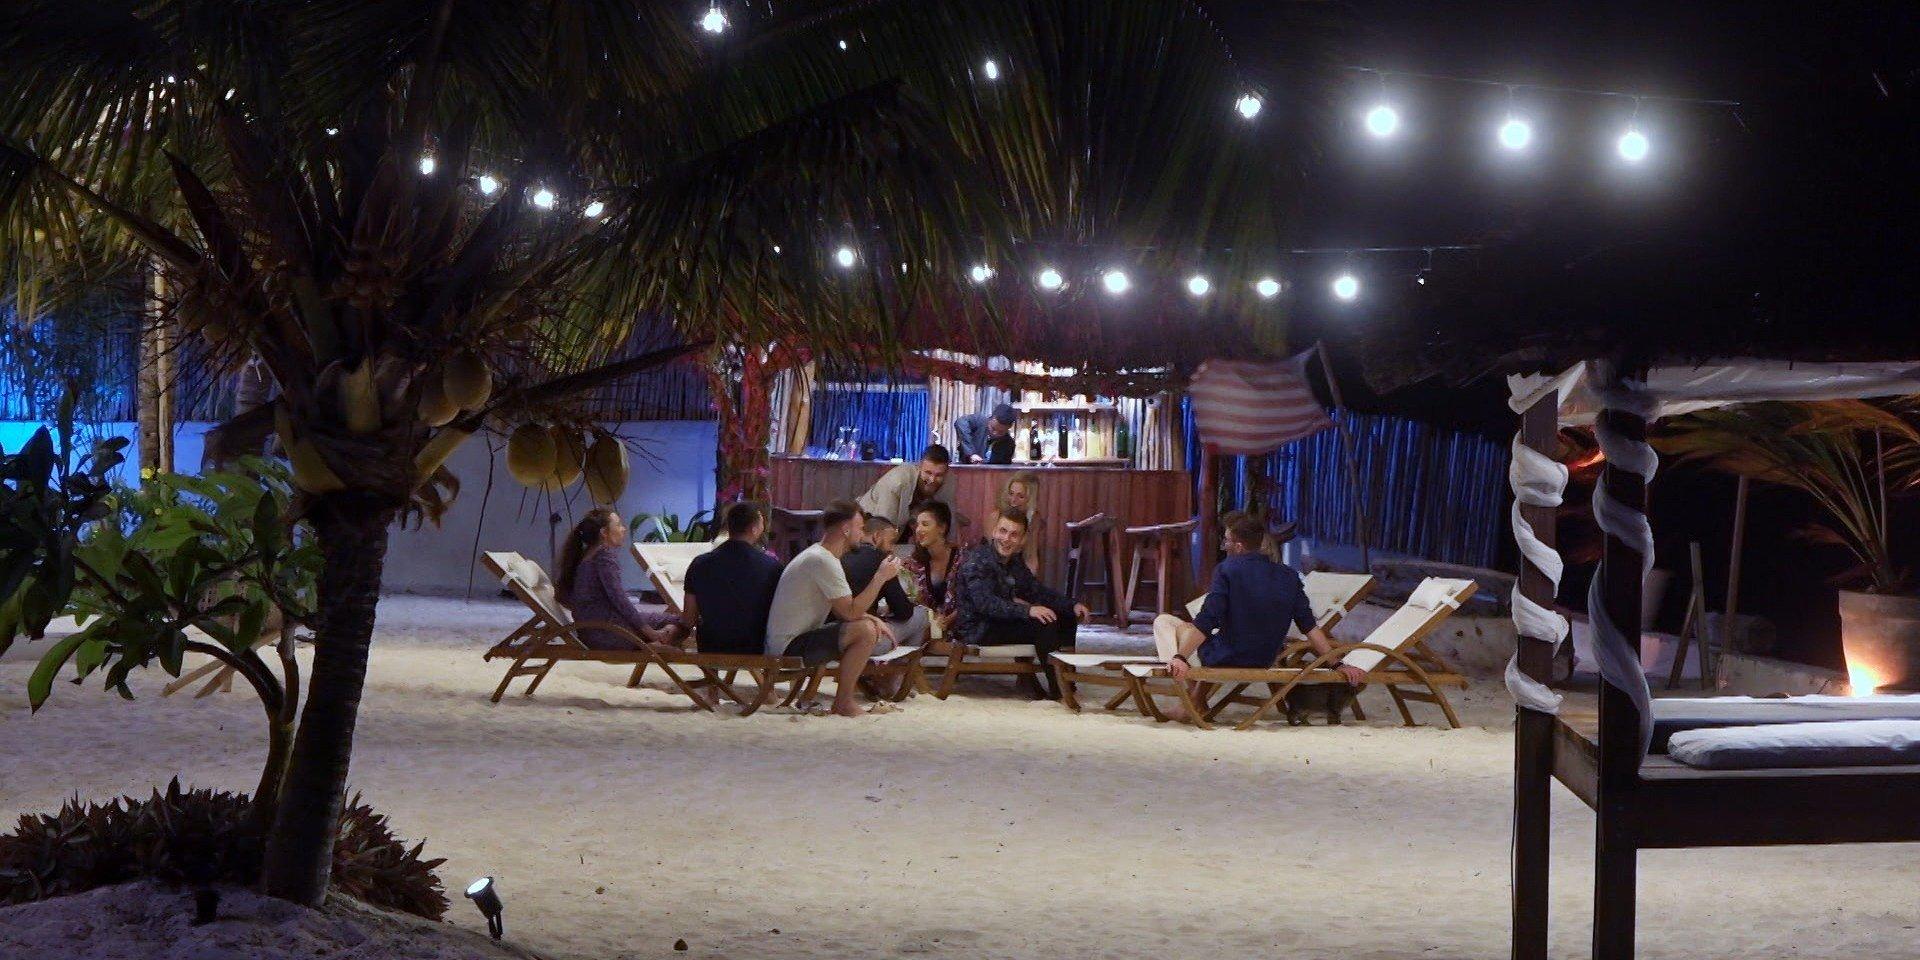 Hotel Paradise 3: zapowiedź odcinka 4